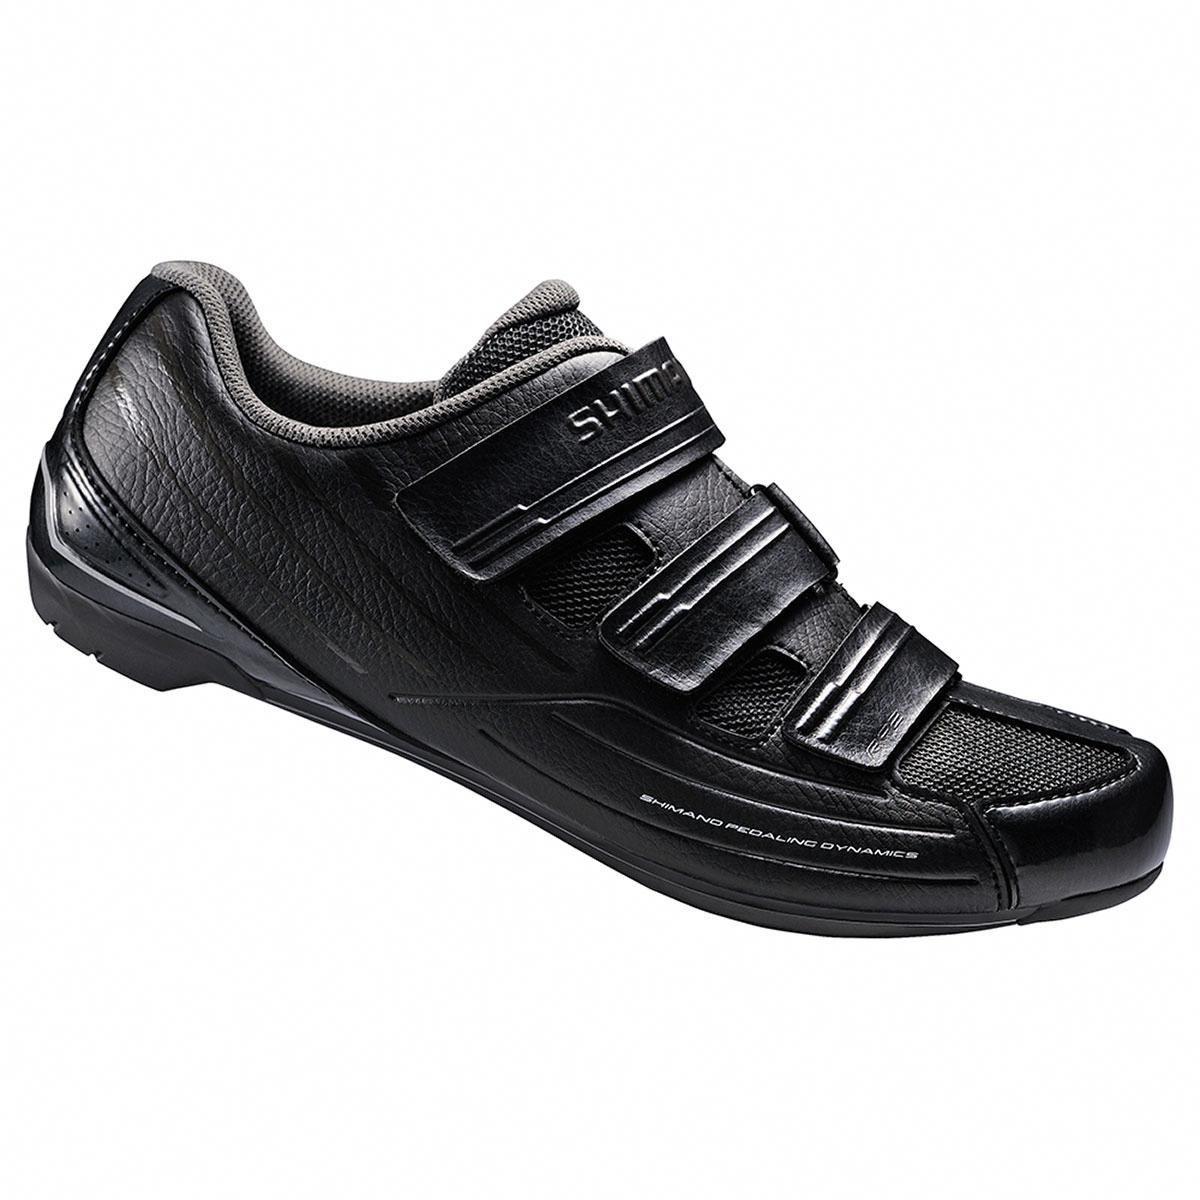 Shimano Rp2 Men S Road Cycling Shoes Black 44 Roadbikewomen Roadbikeaccessories Roadbikecycling Roadb In 2020 Cycling Shoes Women Cycling Shoes Men Road Cycling Shoes